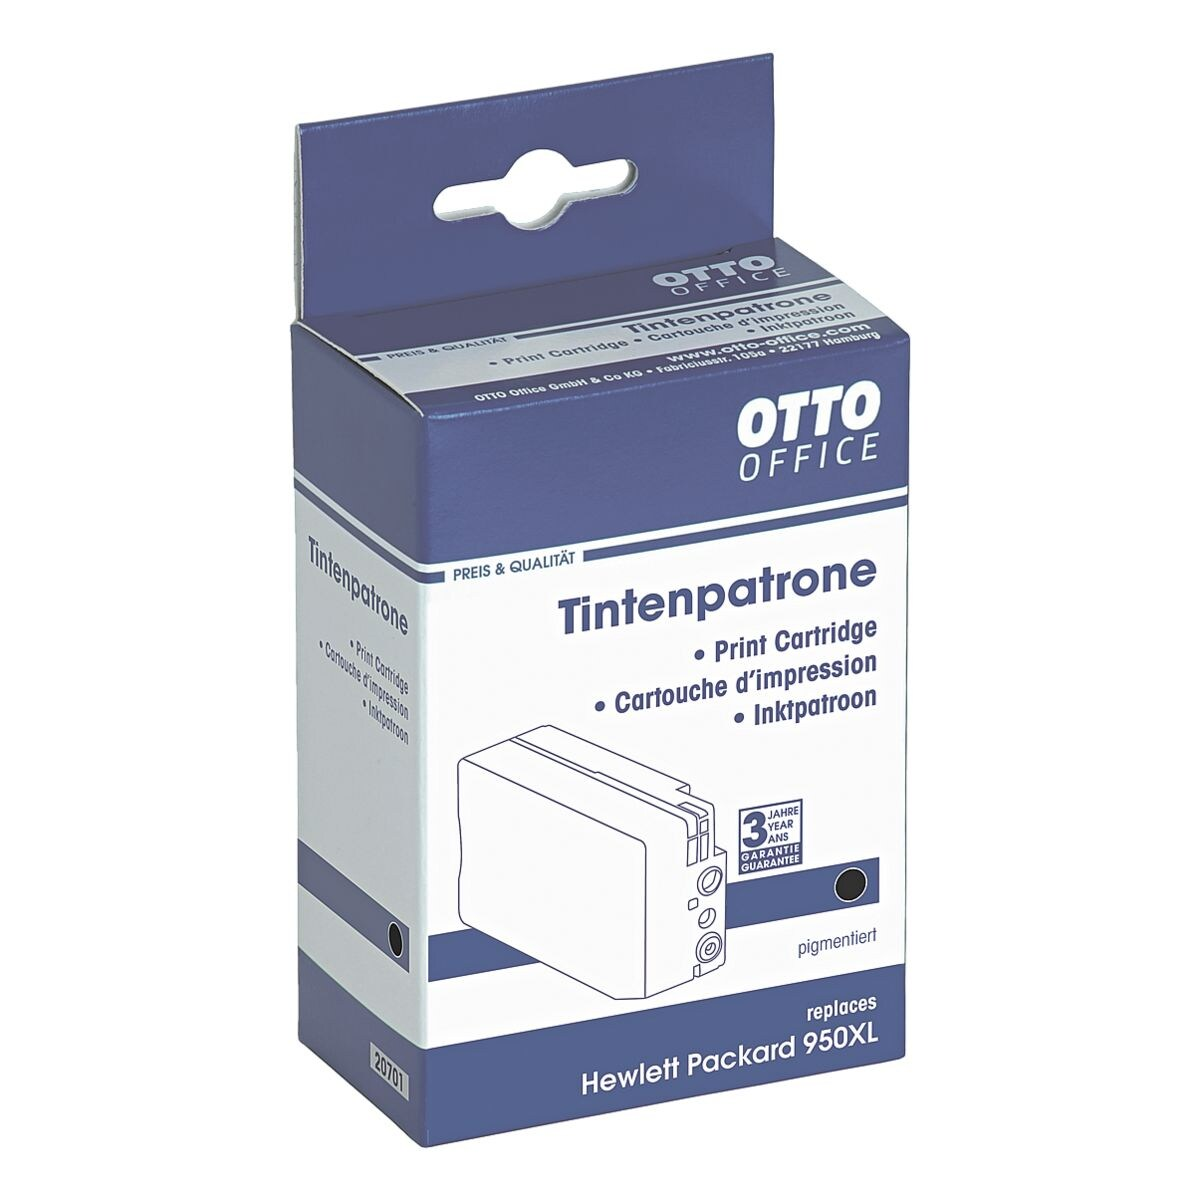 otto office tintenpatrone ersetzt hp cn045ae nr 950xl bei otto office g nstig kaufen. Black Bedroom Furniture Sets. Home Design Ideas